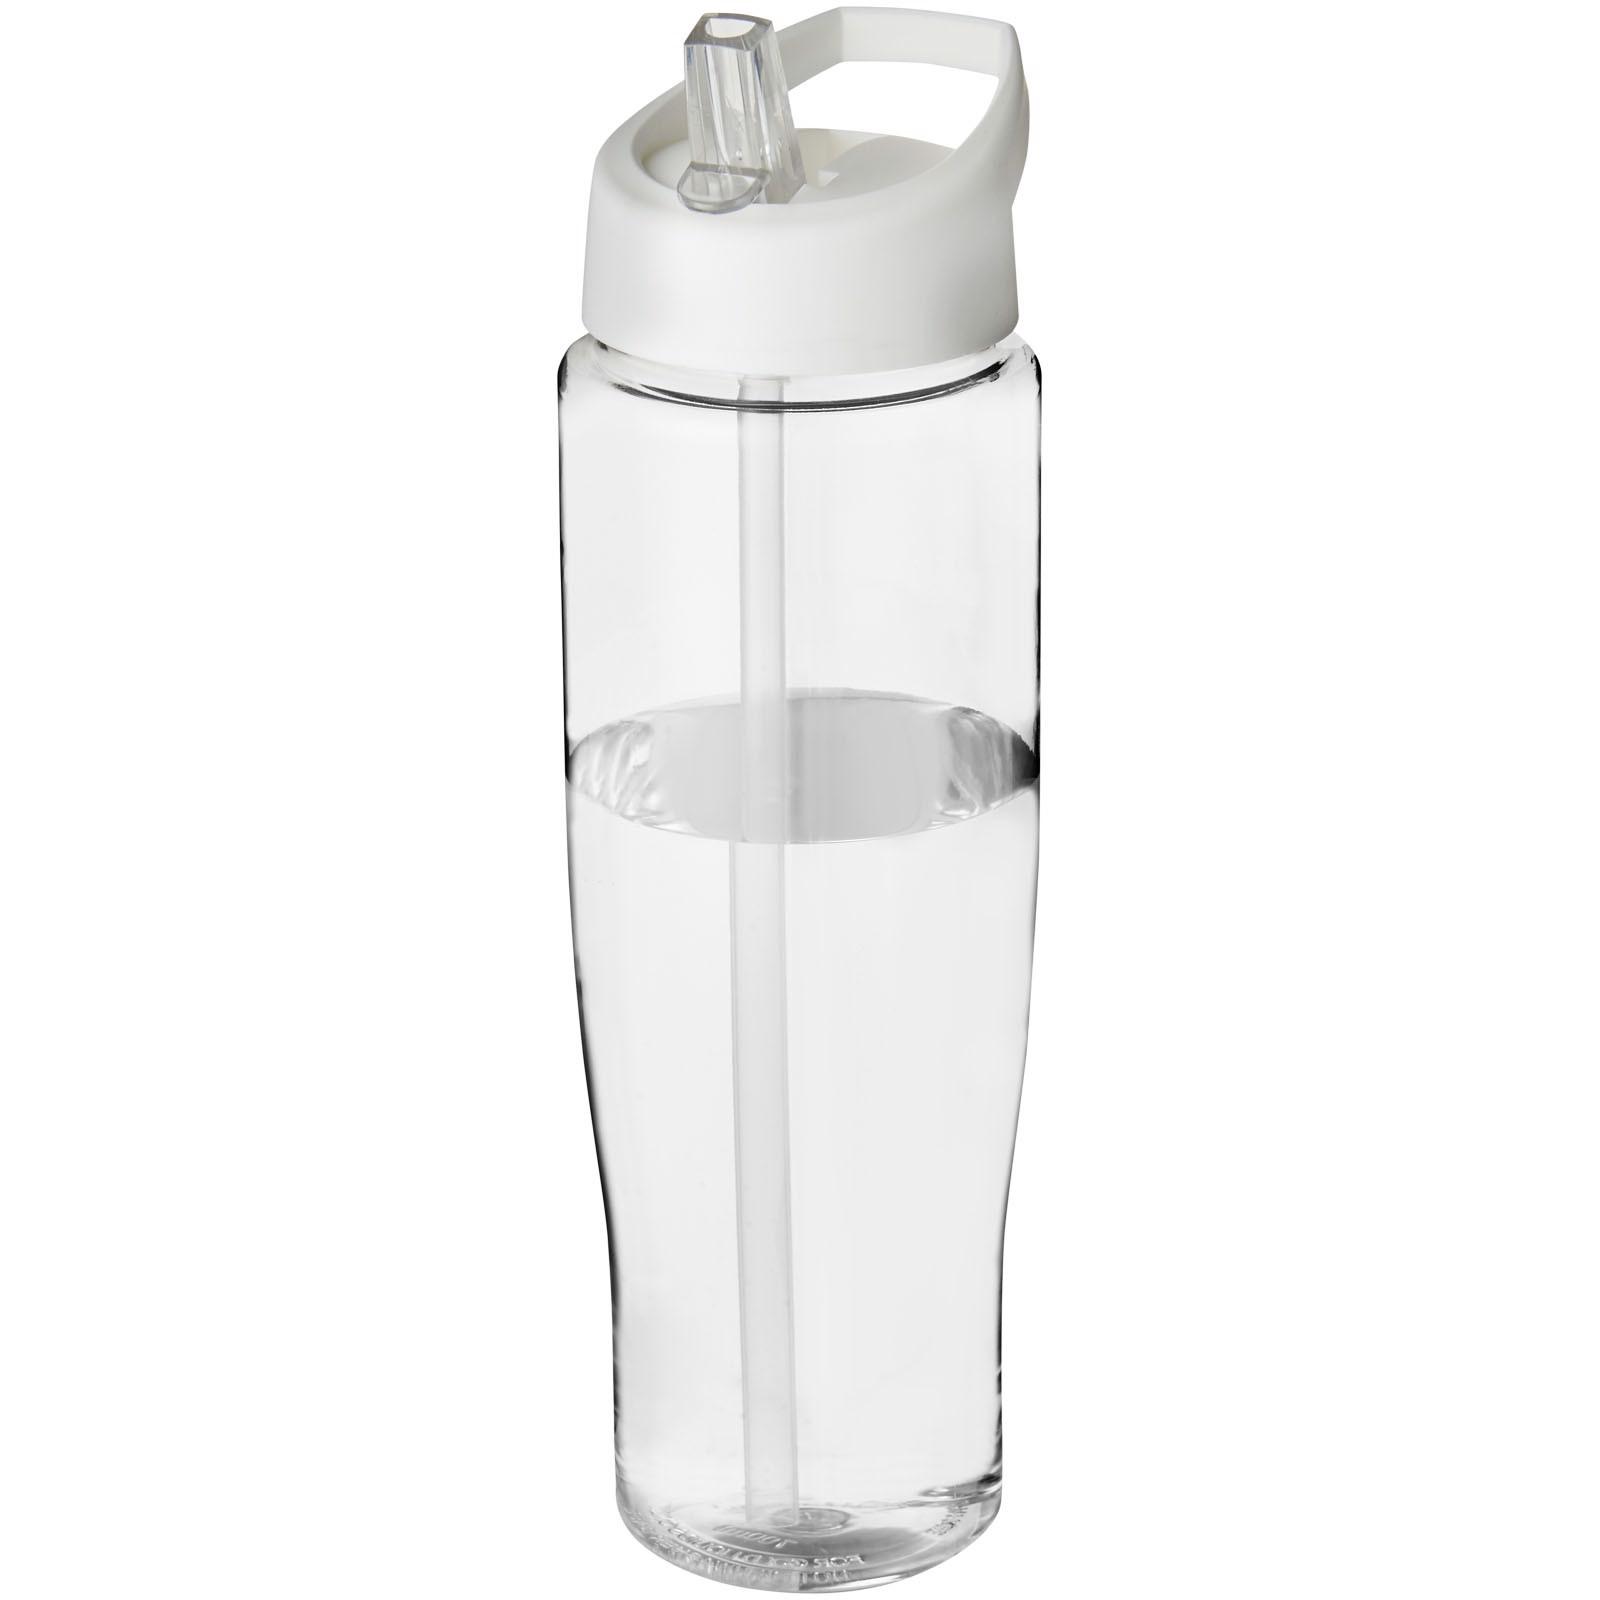 H2O Tempo® 700 ml spout lid sport bottle - Transparent / White